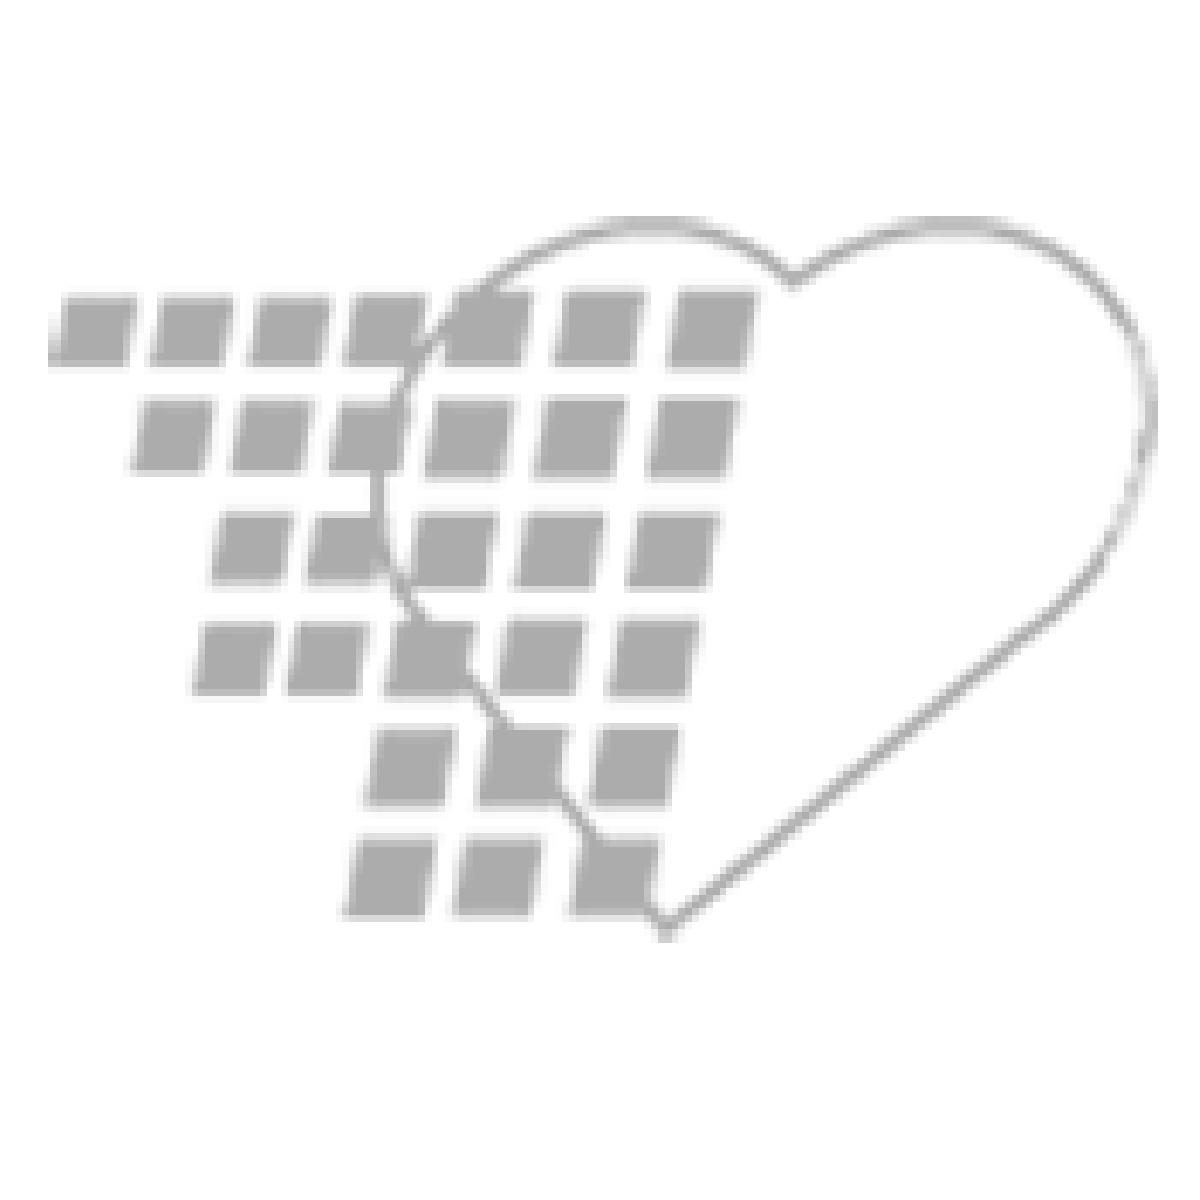 11-81-1083 Nasco Life/form® Tracheostomy Care Simulator